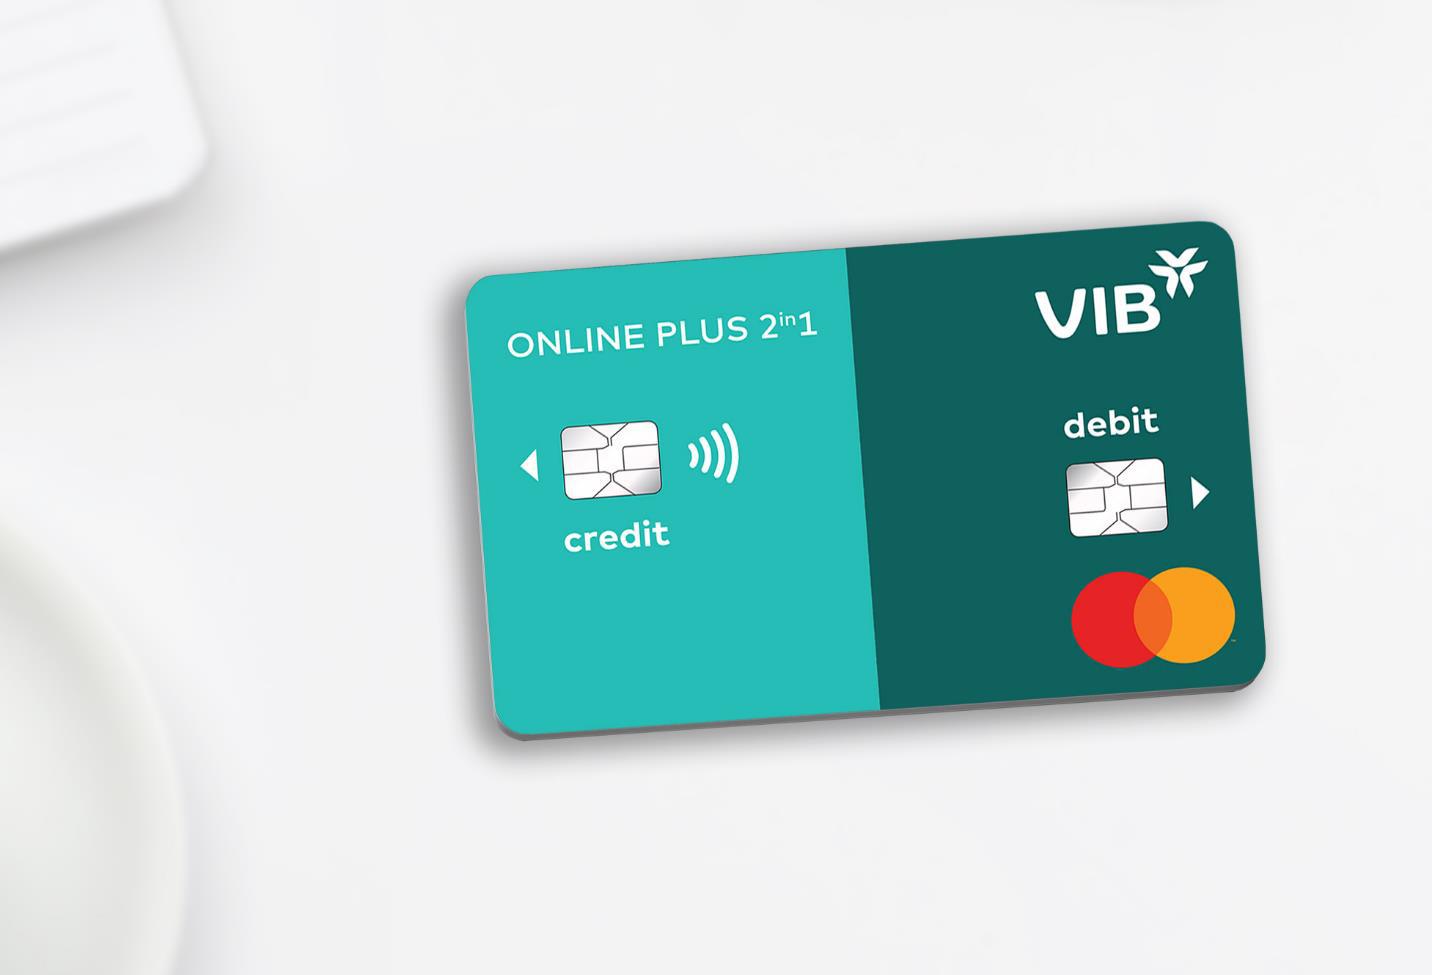 VIB tiên phong trong khu vực với công nghệ thẻ tích hợp - Ảnh 1.